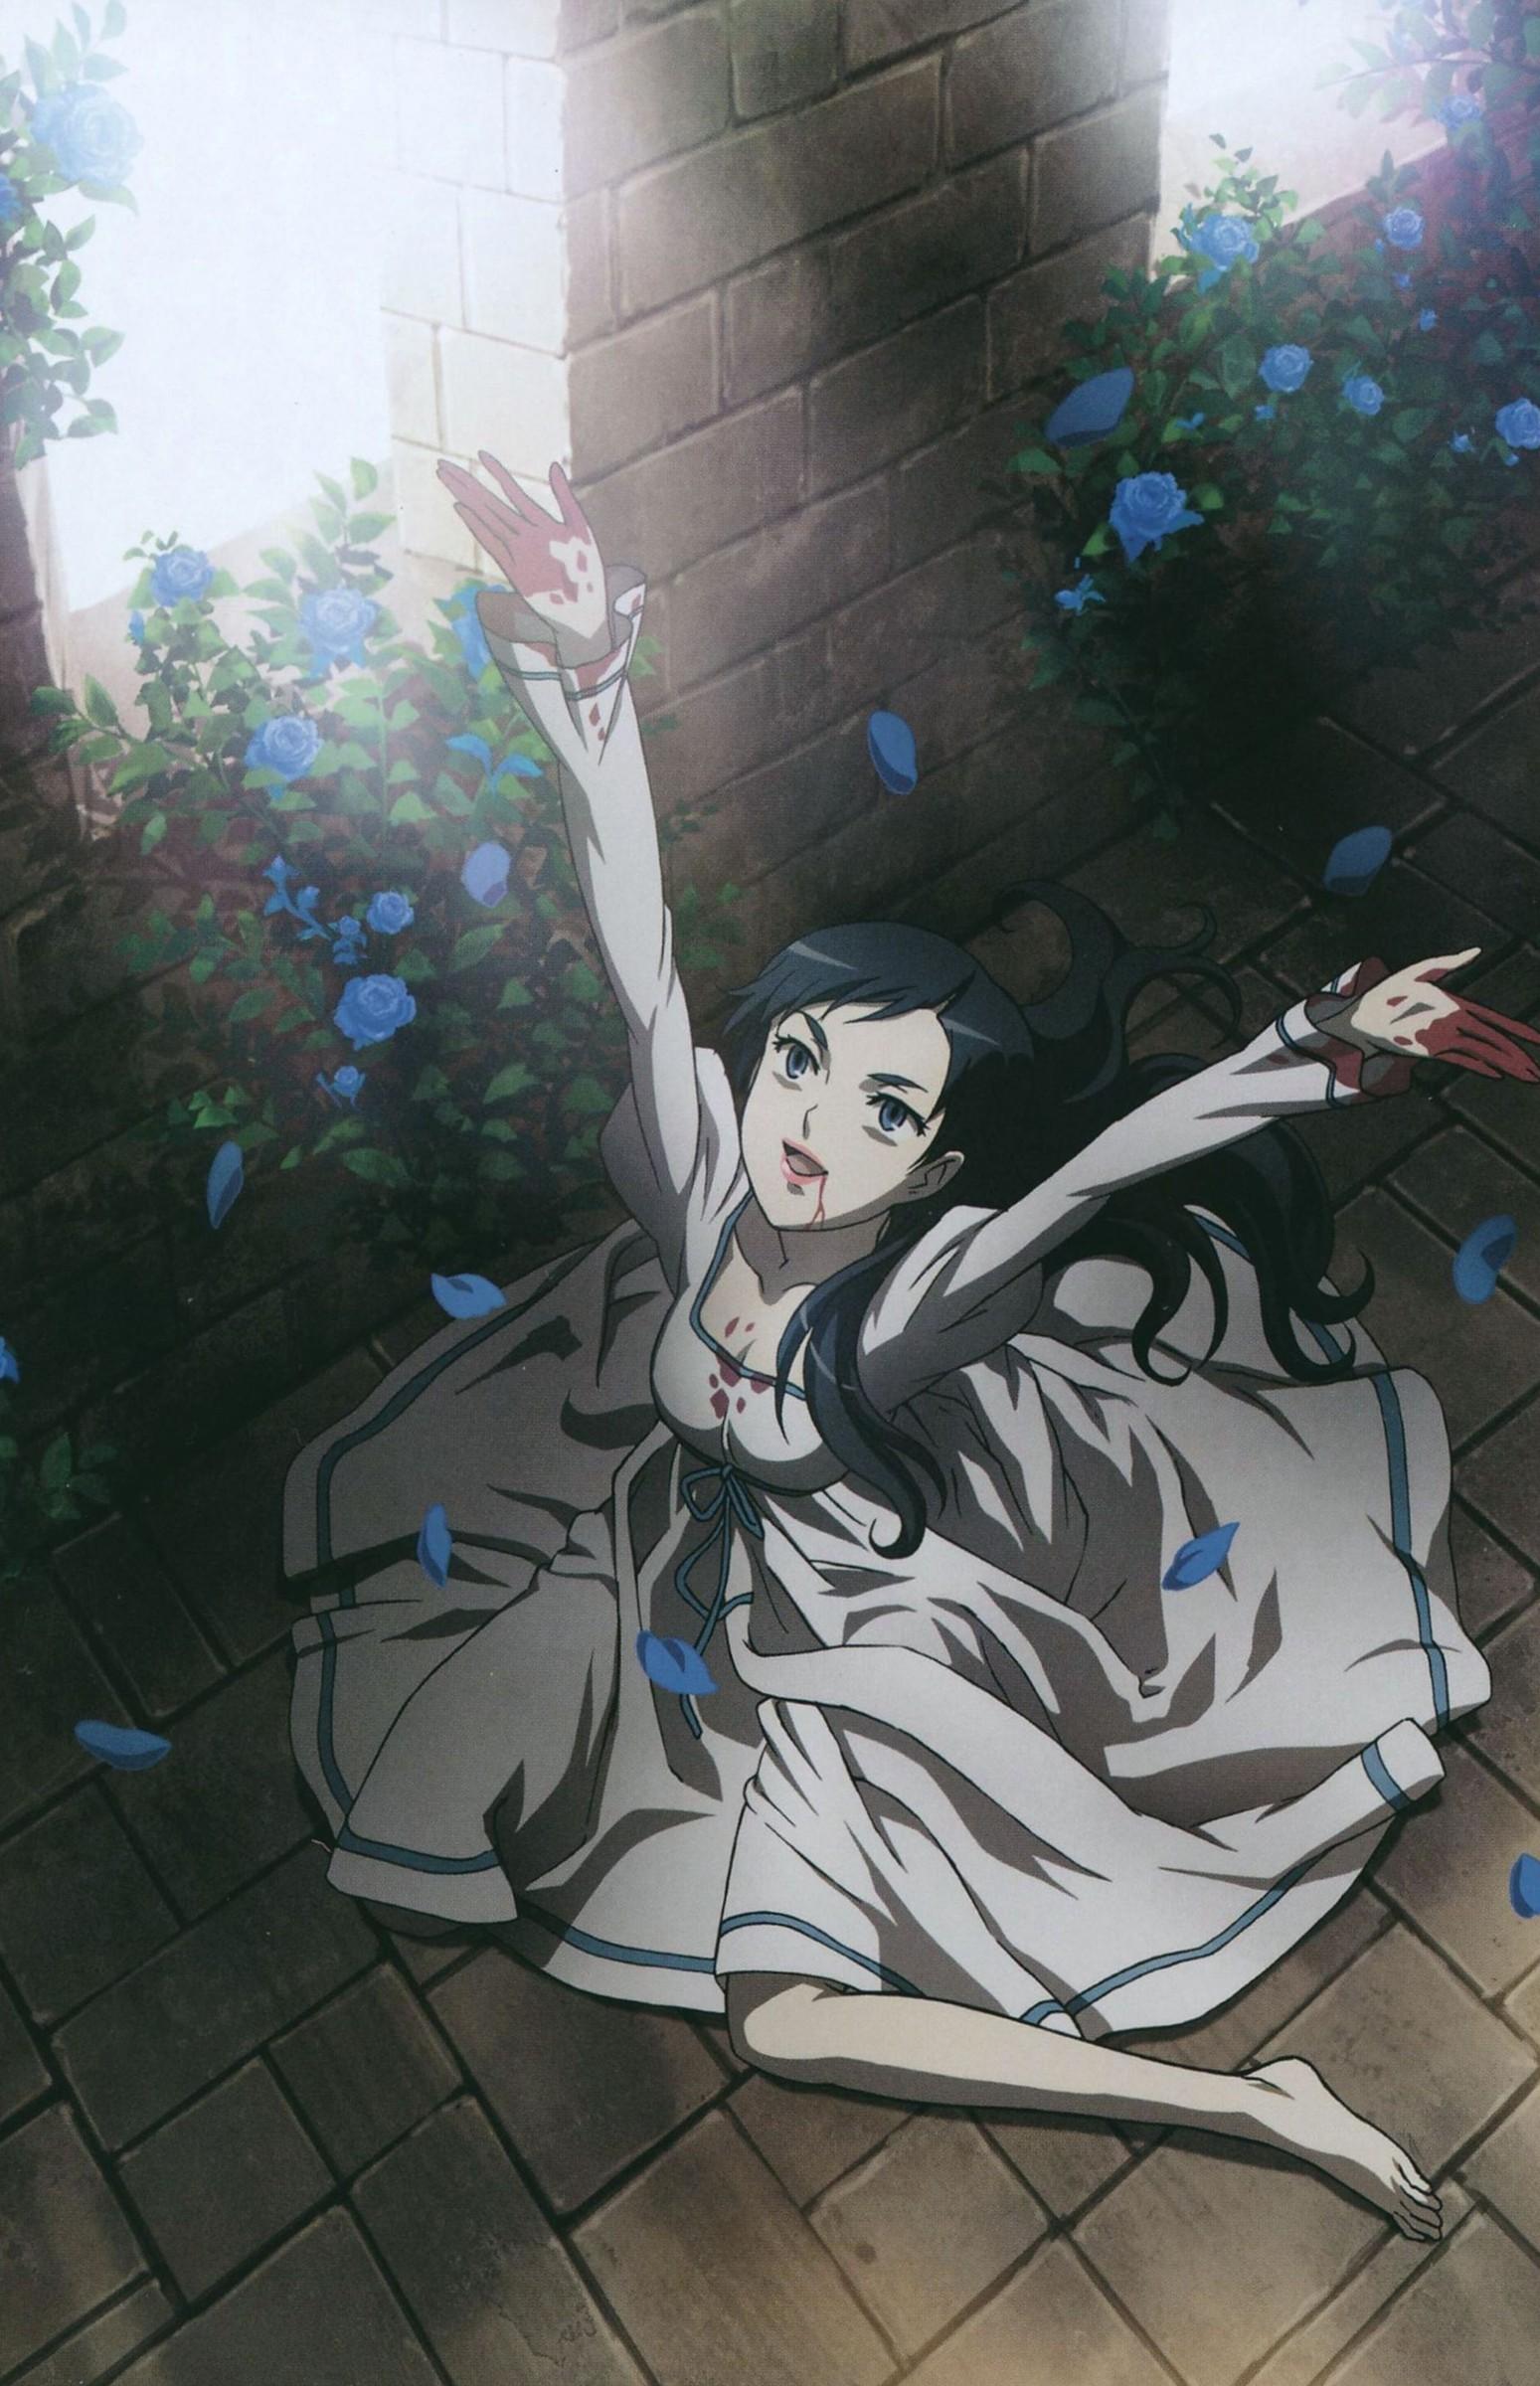 Image Result For Anime Wallpaper Art